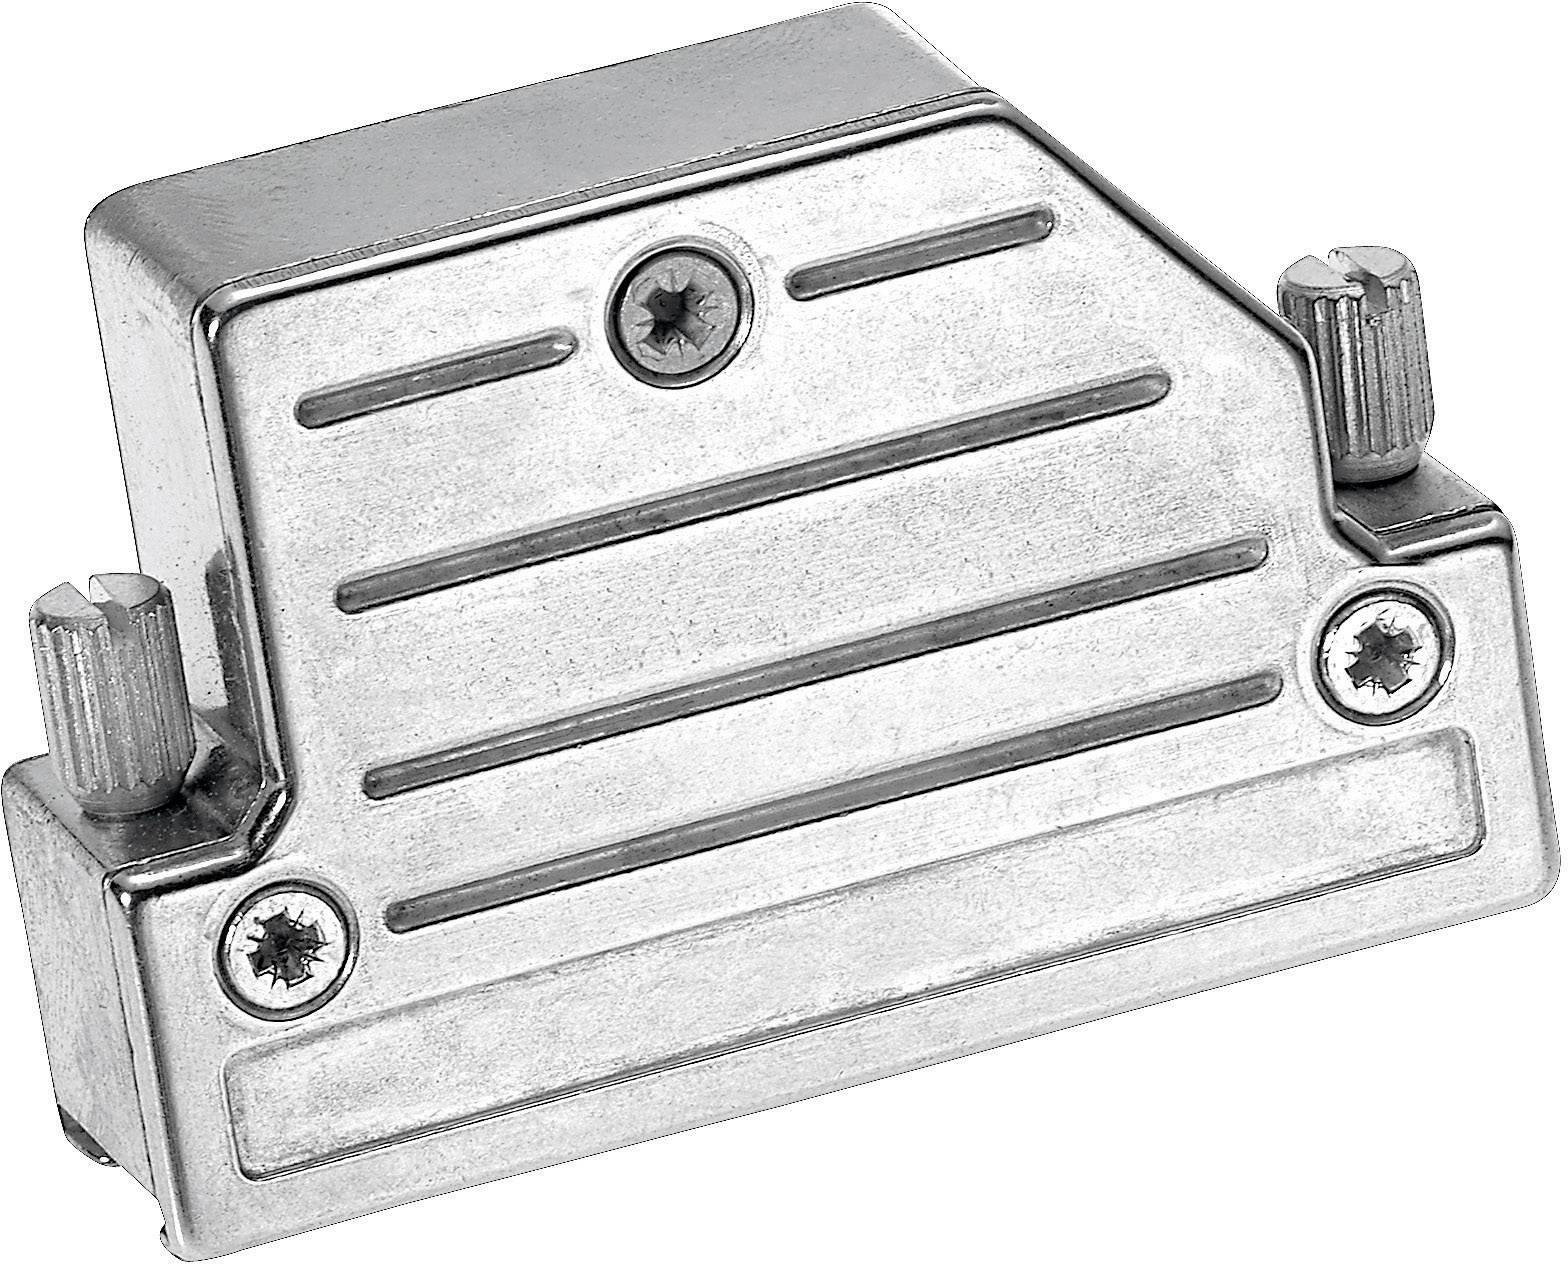 D-SUB pouzdro Provertha 4715DC25001 4715DC25001, pólů 15, kov, 45 °, stříbrná, 1 ks